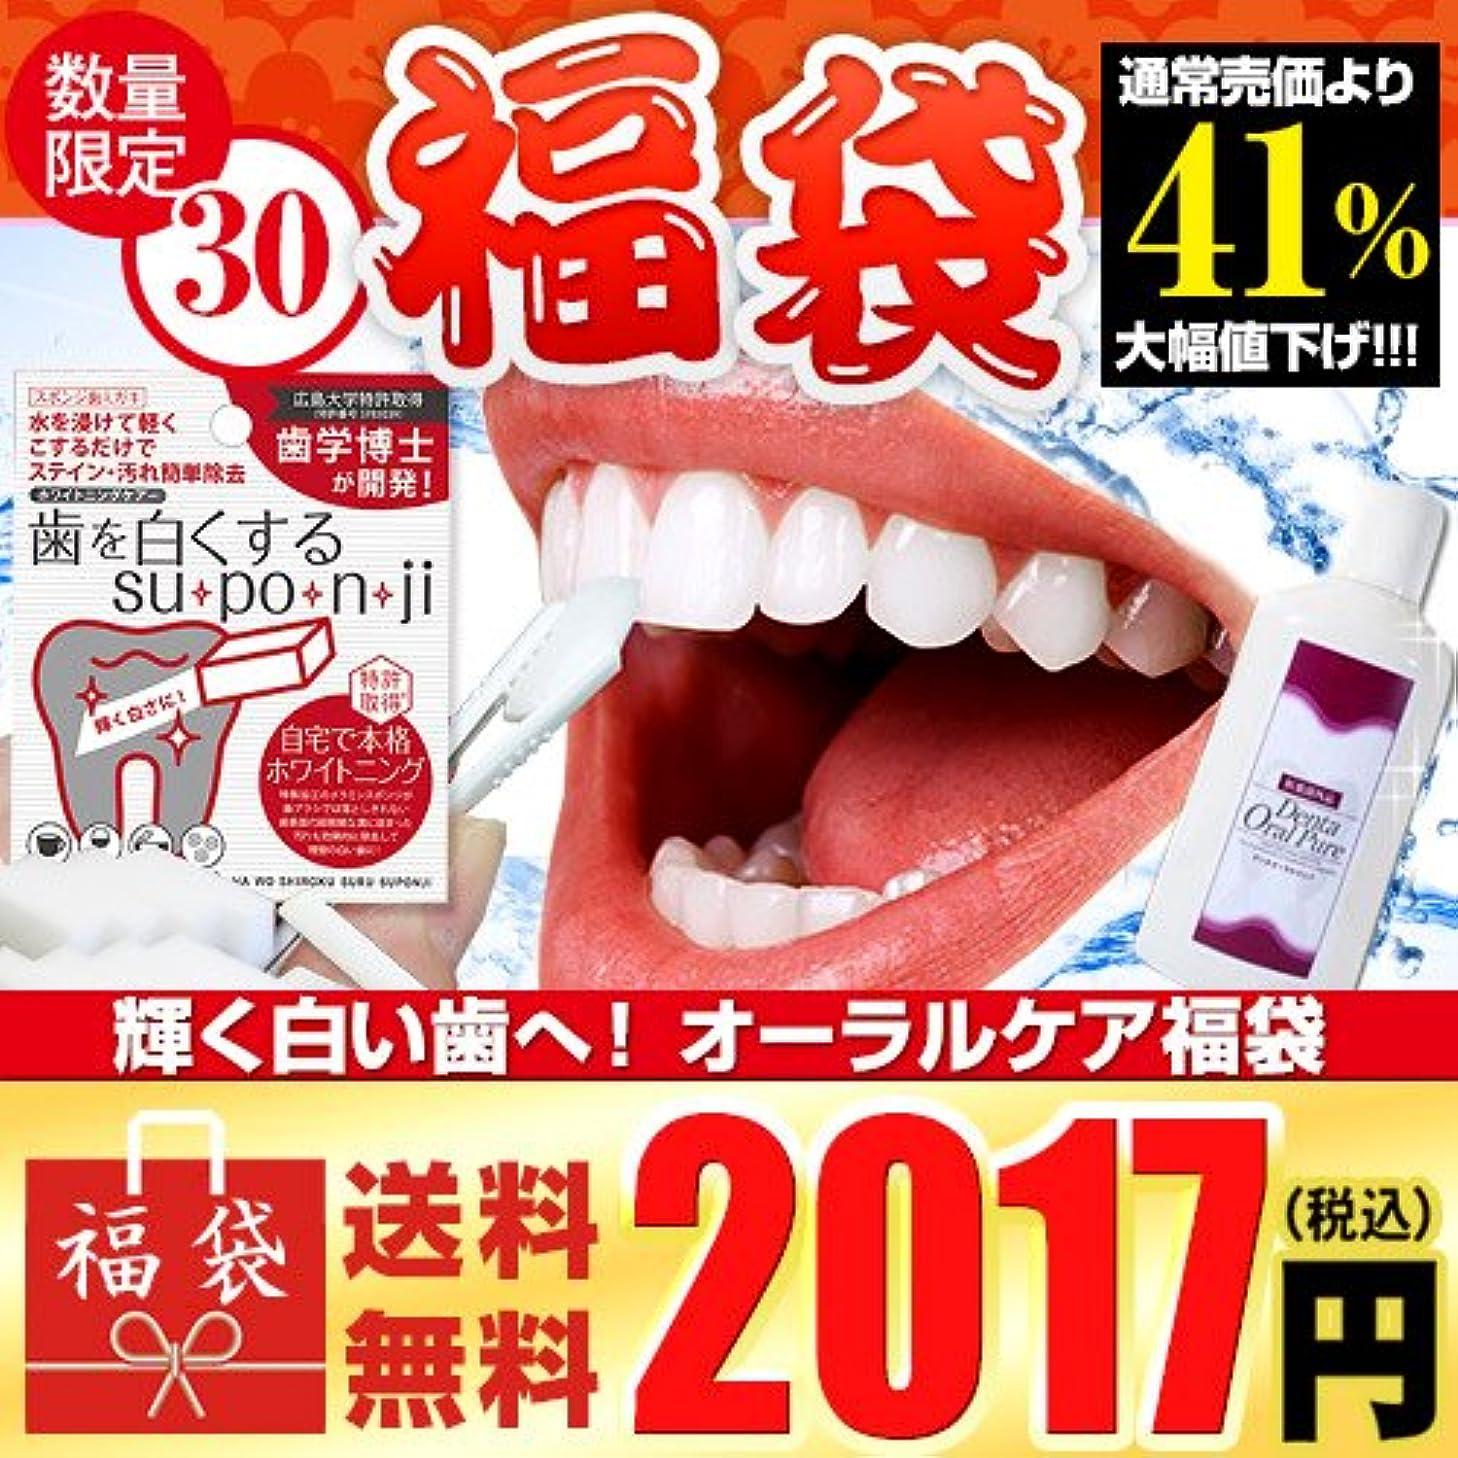 そして学校そしてオーラルケア福袋 デンタオーラルピュア 歯を白くするスポンジ